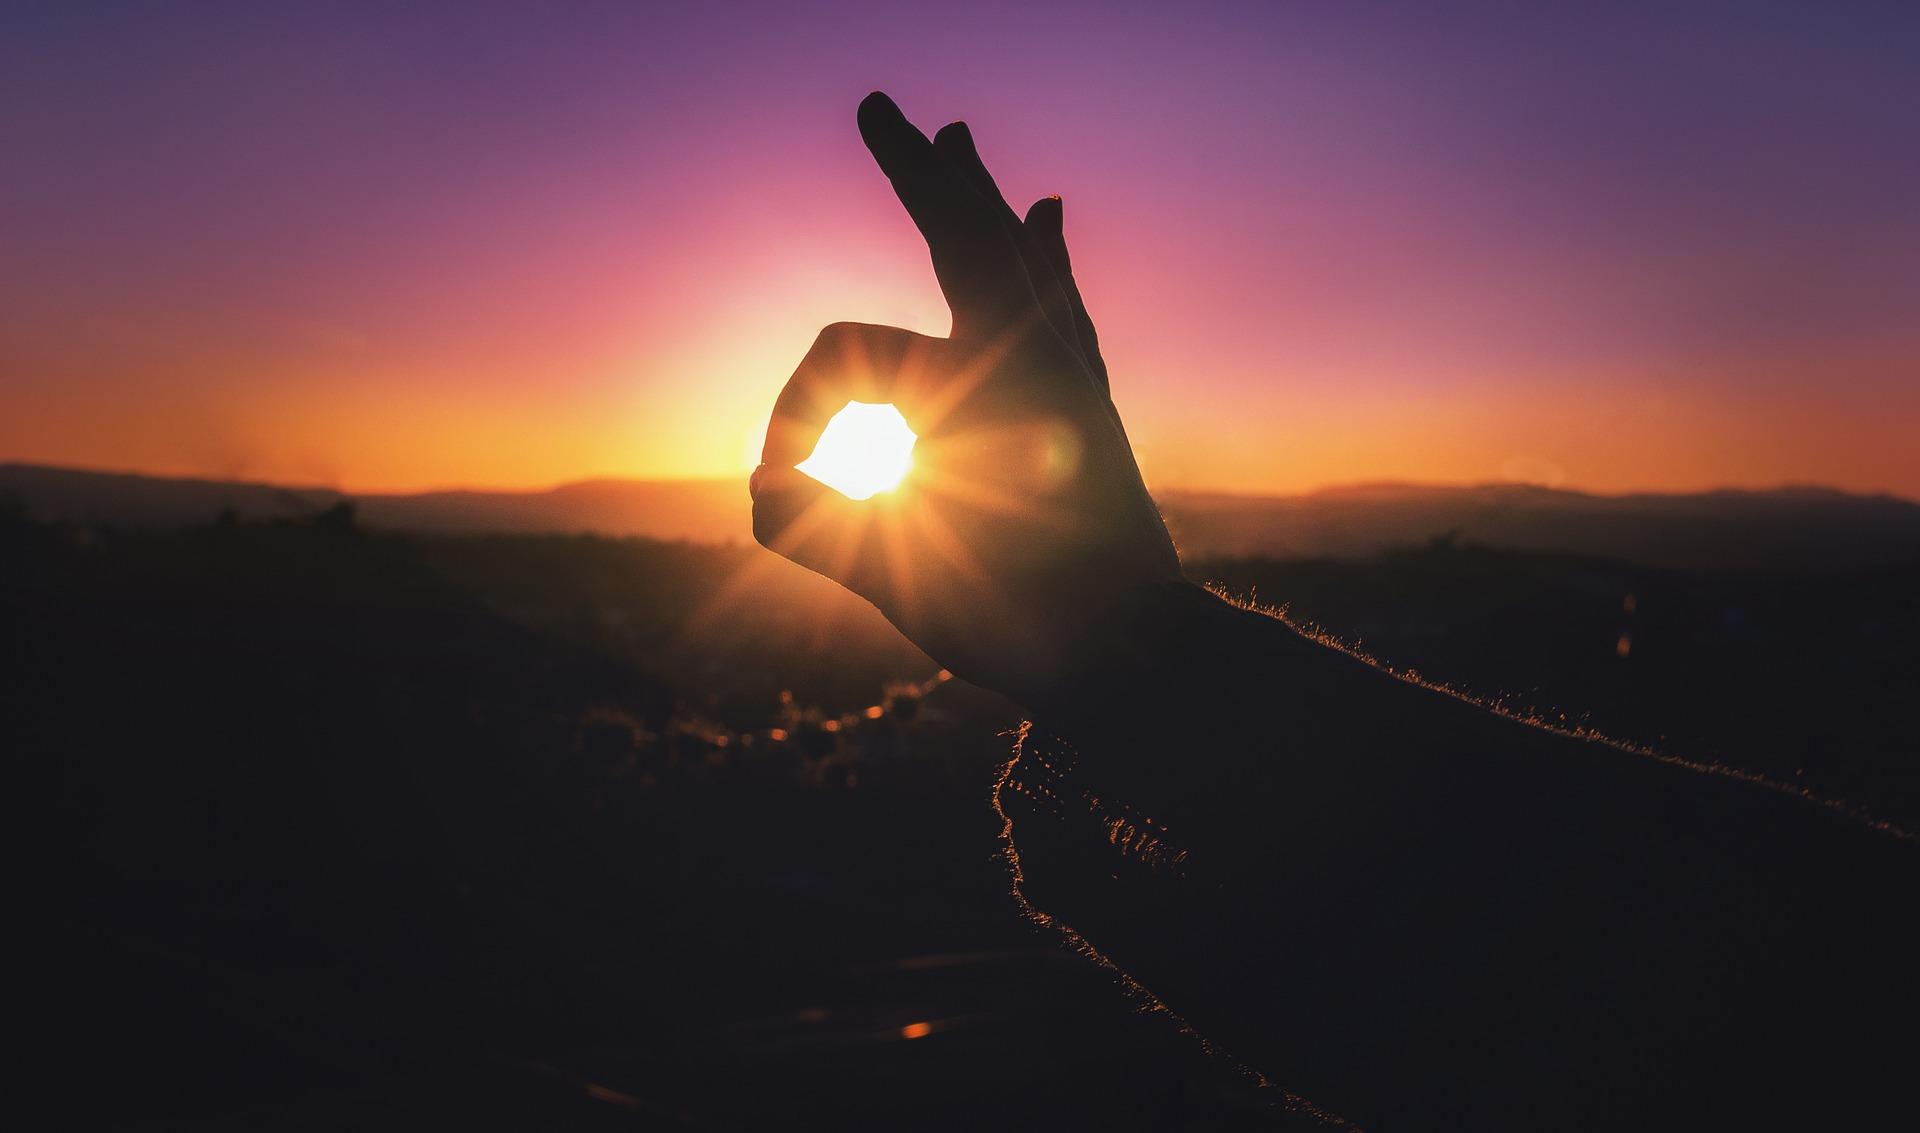 Glaubenssätze durchbrechen & das positive Mindset stärken